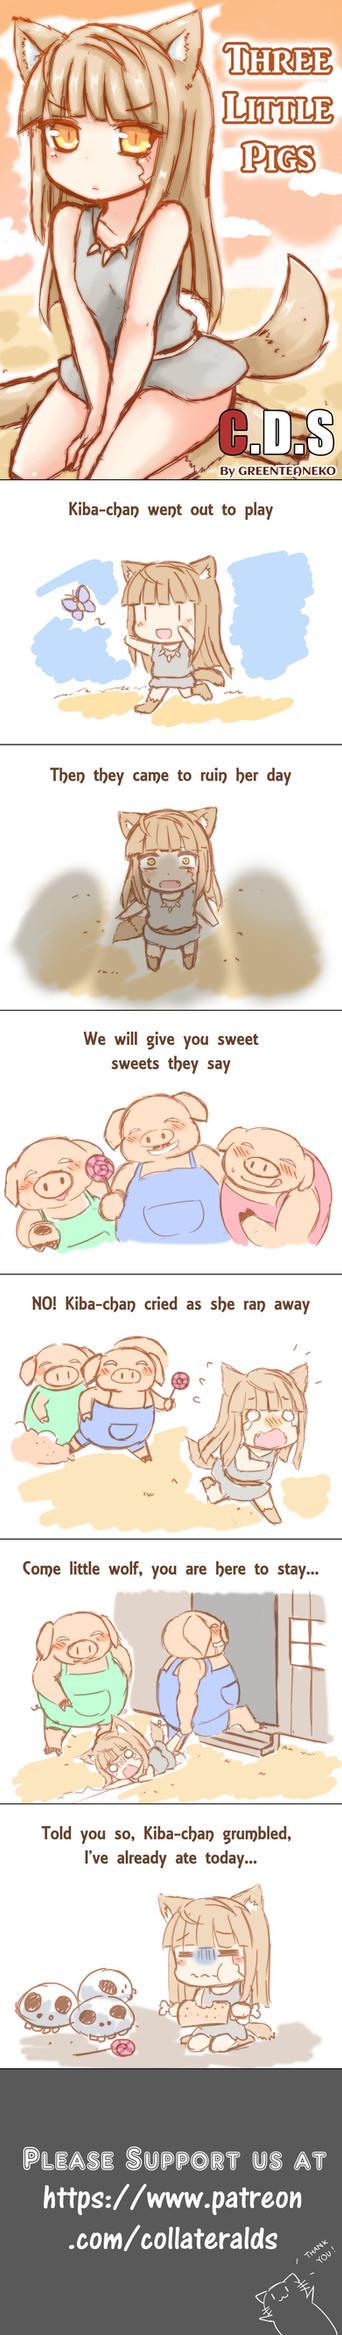 Webcomic: 3 little pigs by GreenTeaNeko